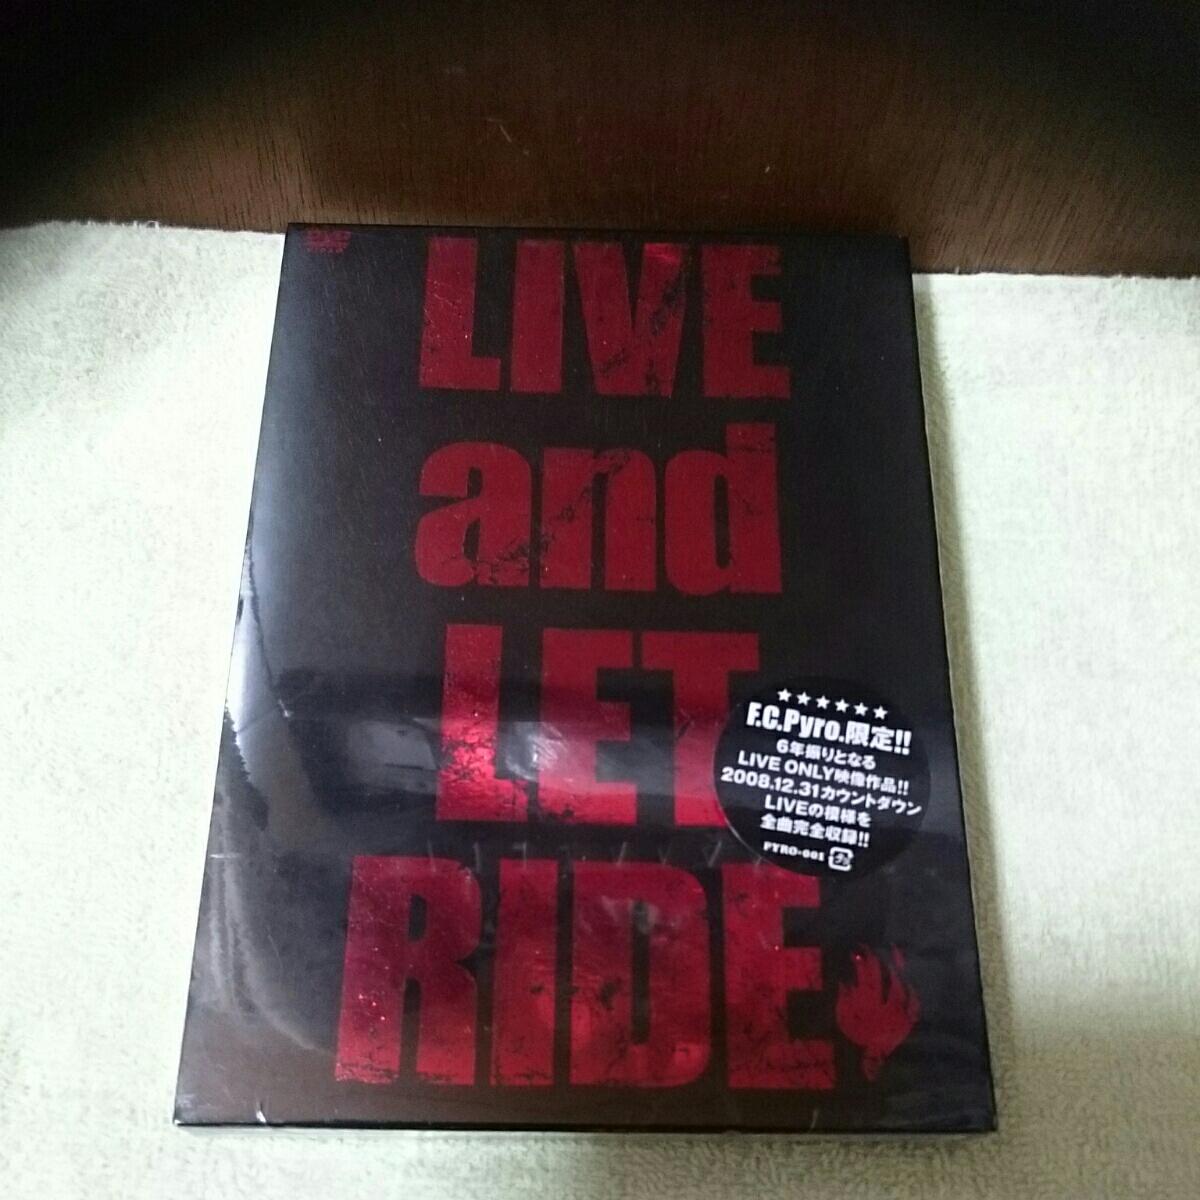 【新品】DVD LIVE and LET RIDE J (LUNA SEA)ジェイ FC限定 レア品 ライブグッズの画像